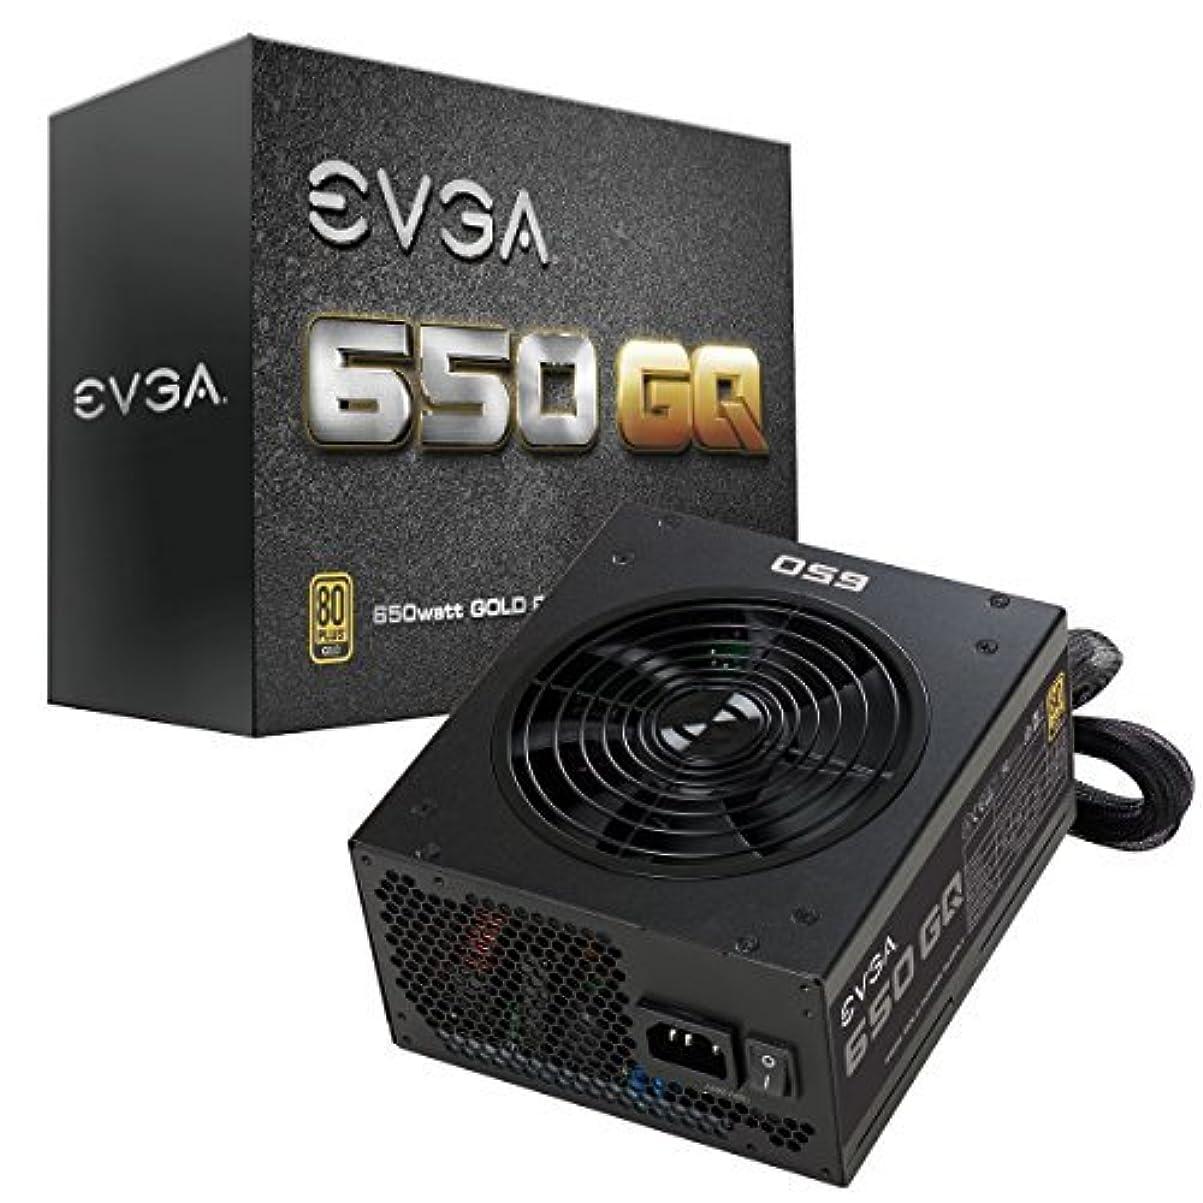 ペア胸挨拶EVGA 650 GQ, 80+ GOLD 650W, Semi Modular, EVGA ECO Mode, 5 Year Warranty, Power Supply 210-GQ-0650-V1 [並行輸入品]